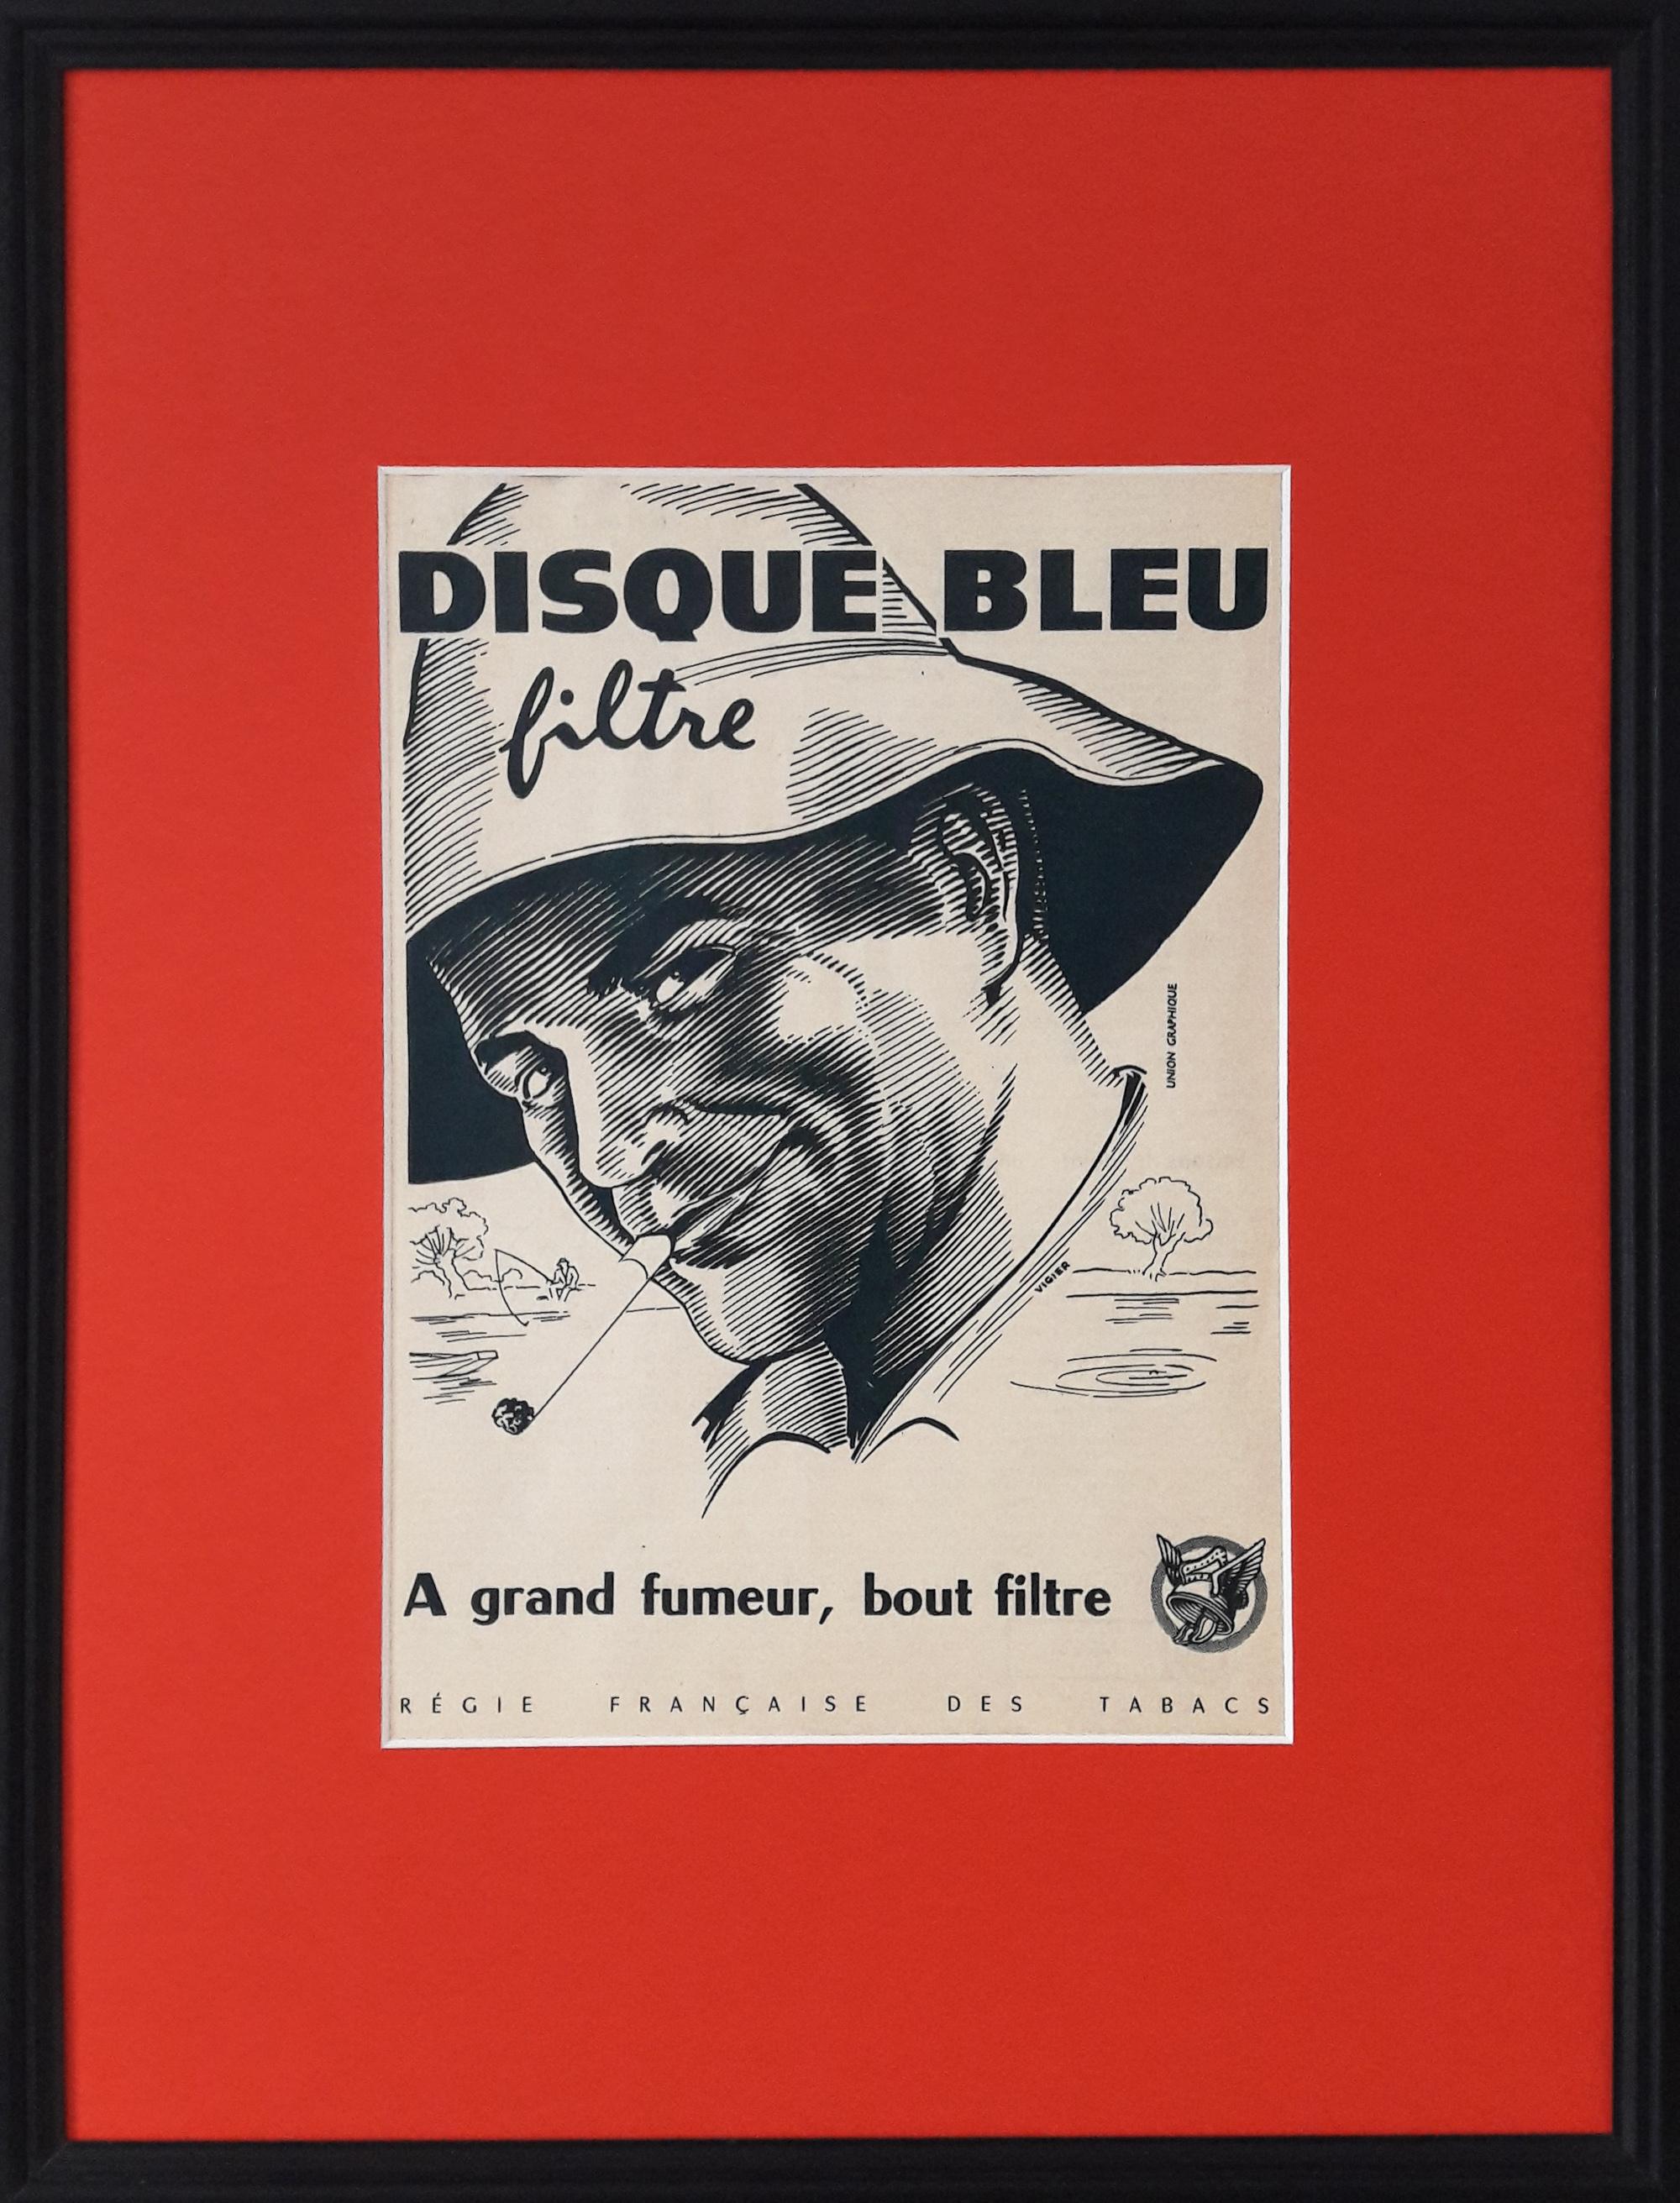 Encadrement coloré de publicité vintage